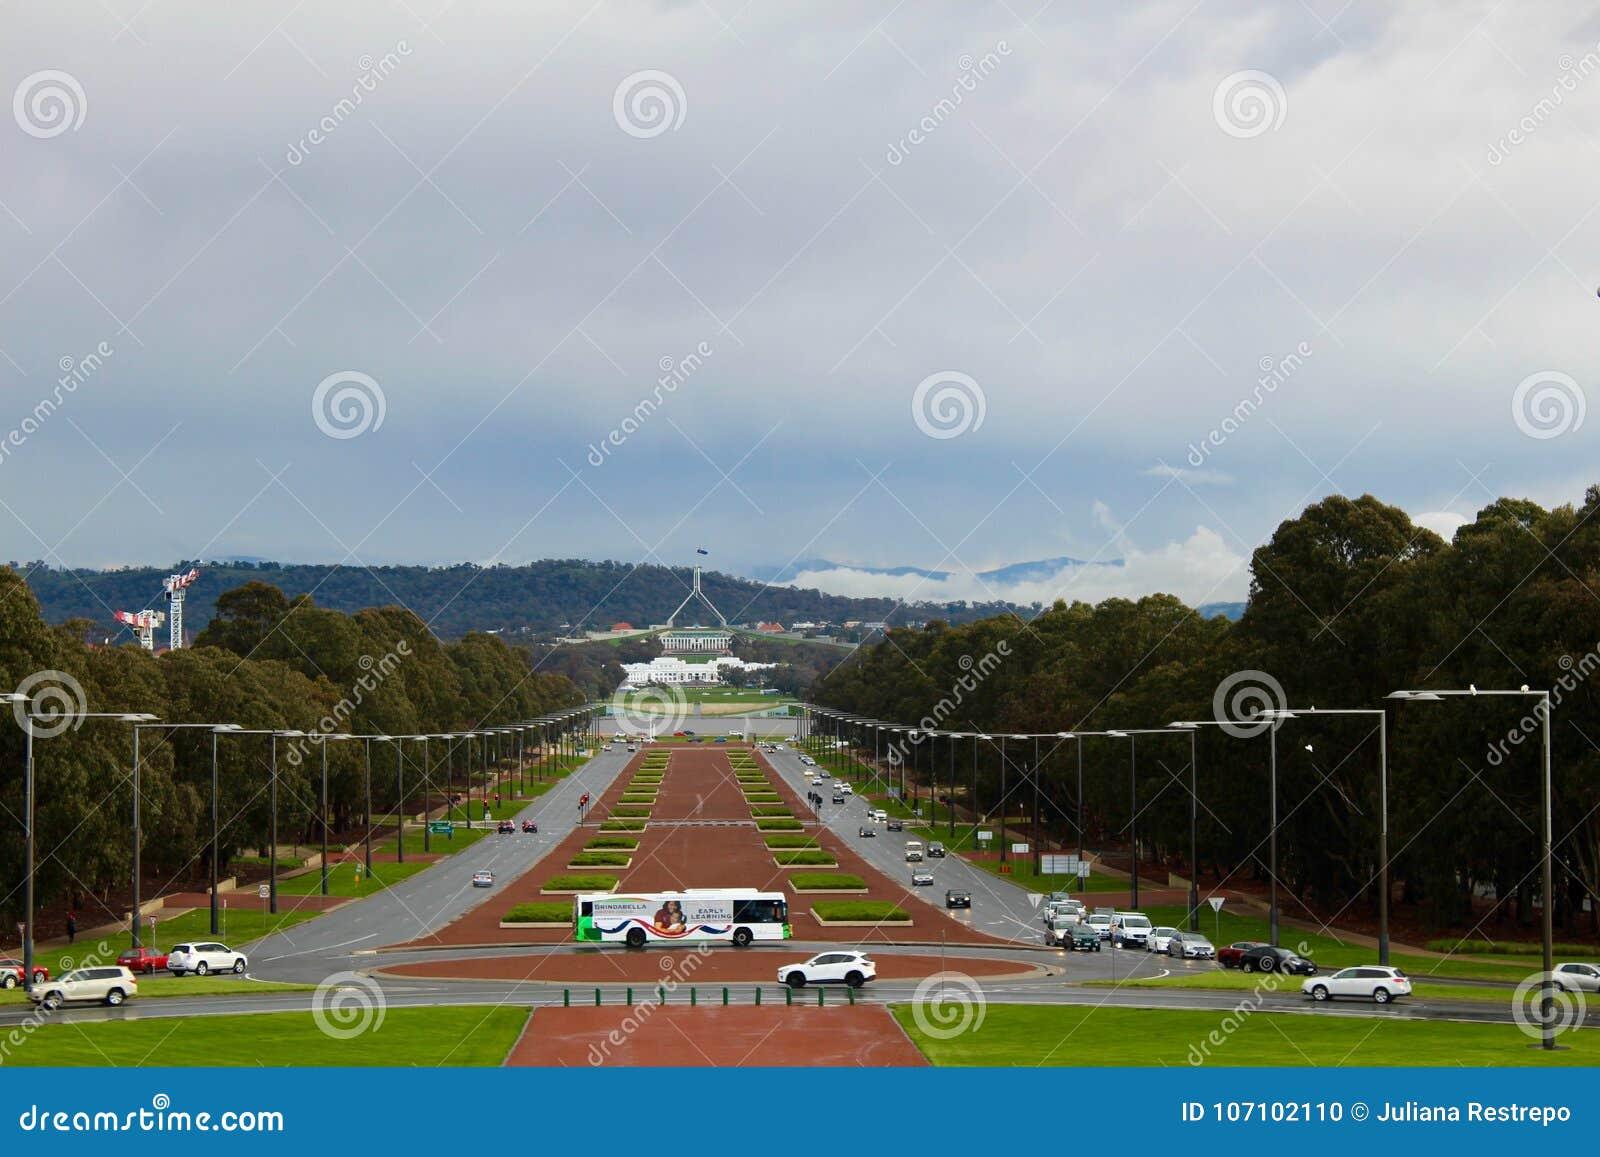 De oorlogsgedenkteken van Canberra - Hoofdstad van Australië